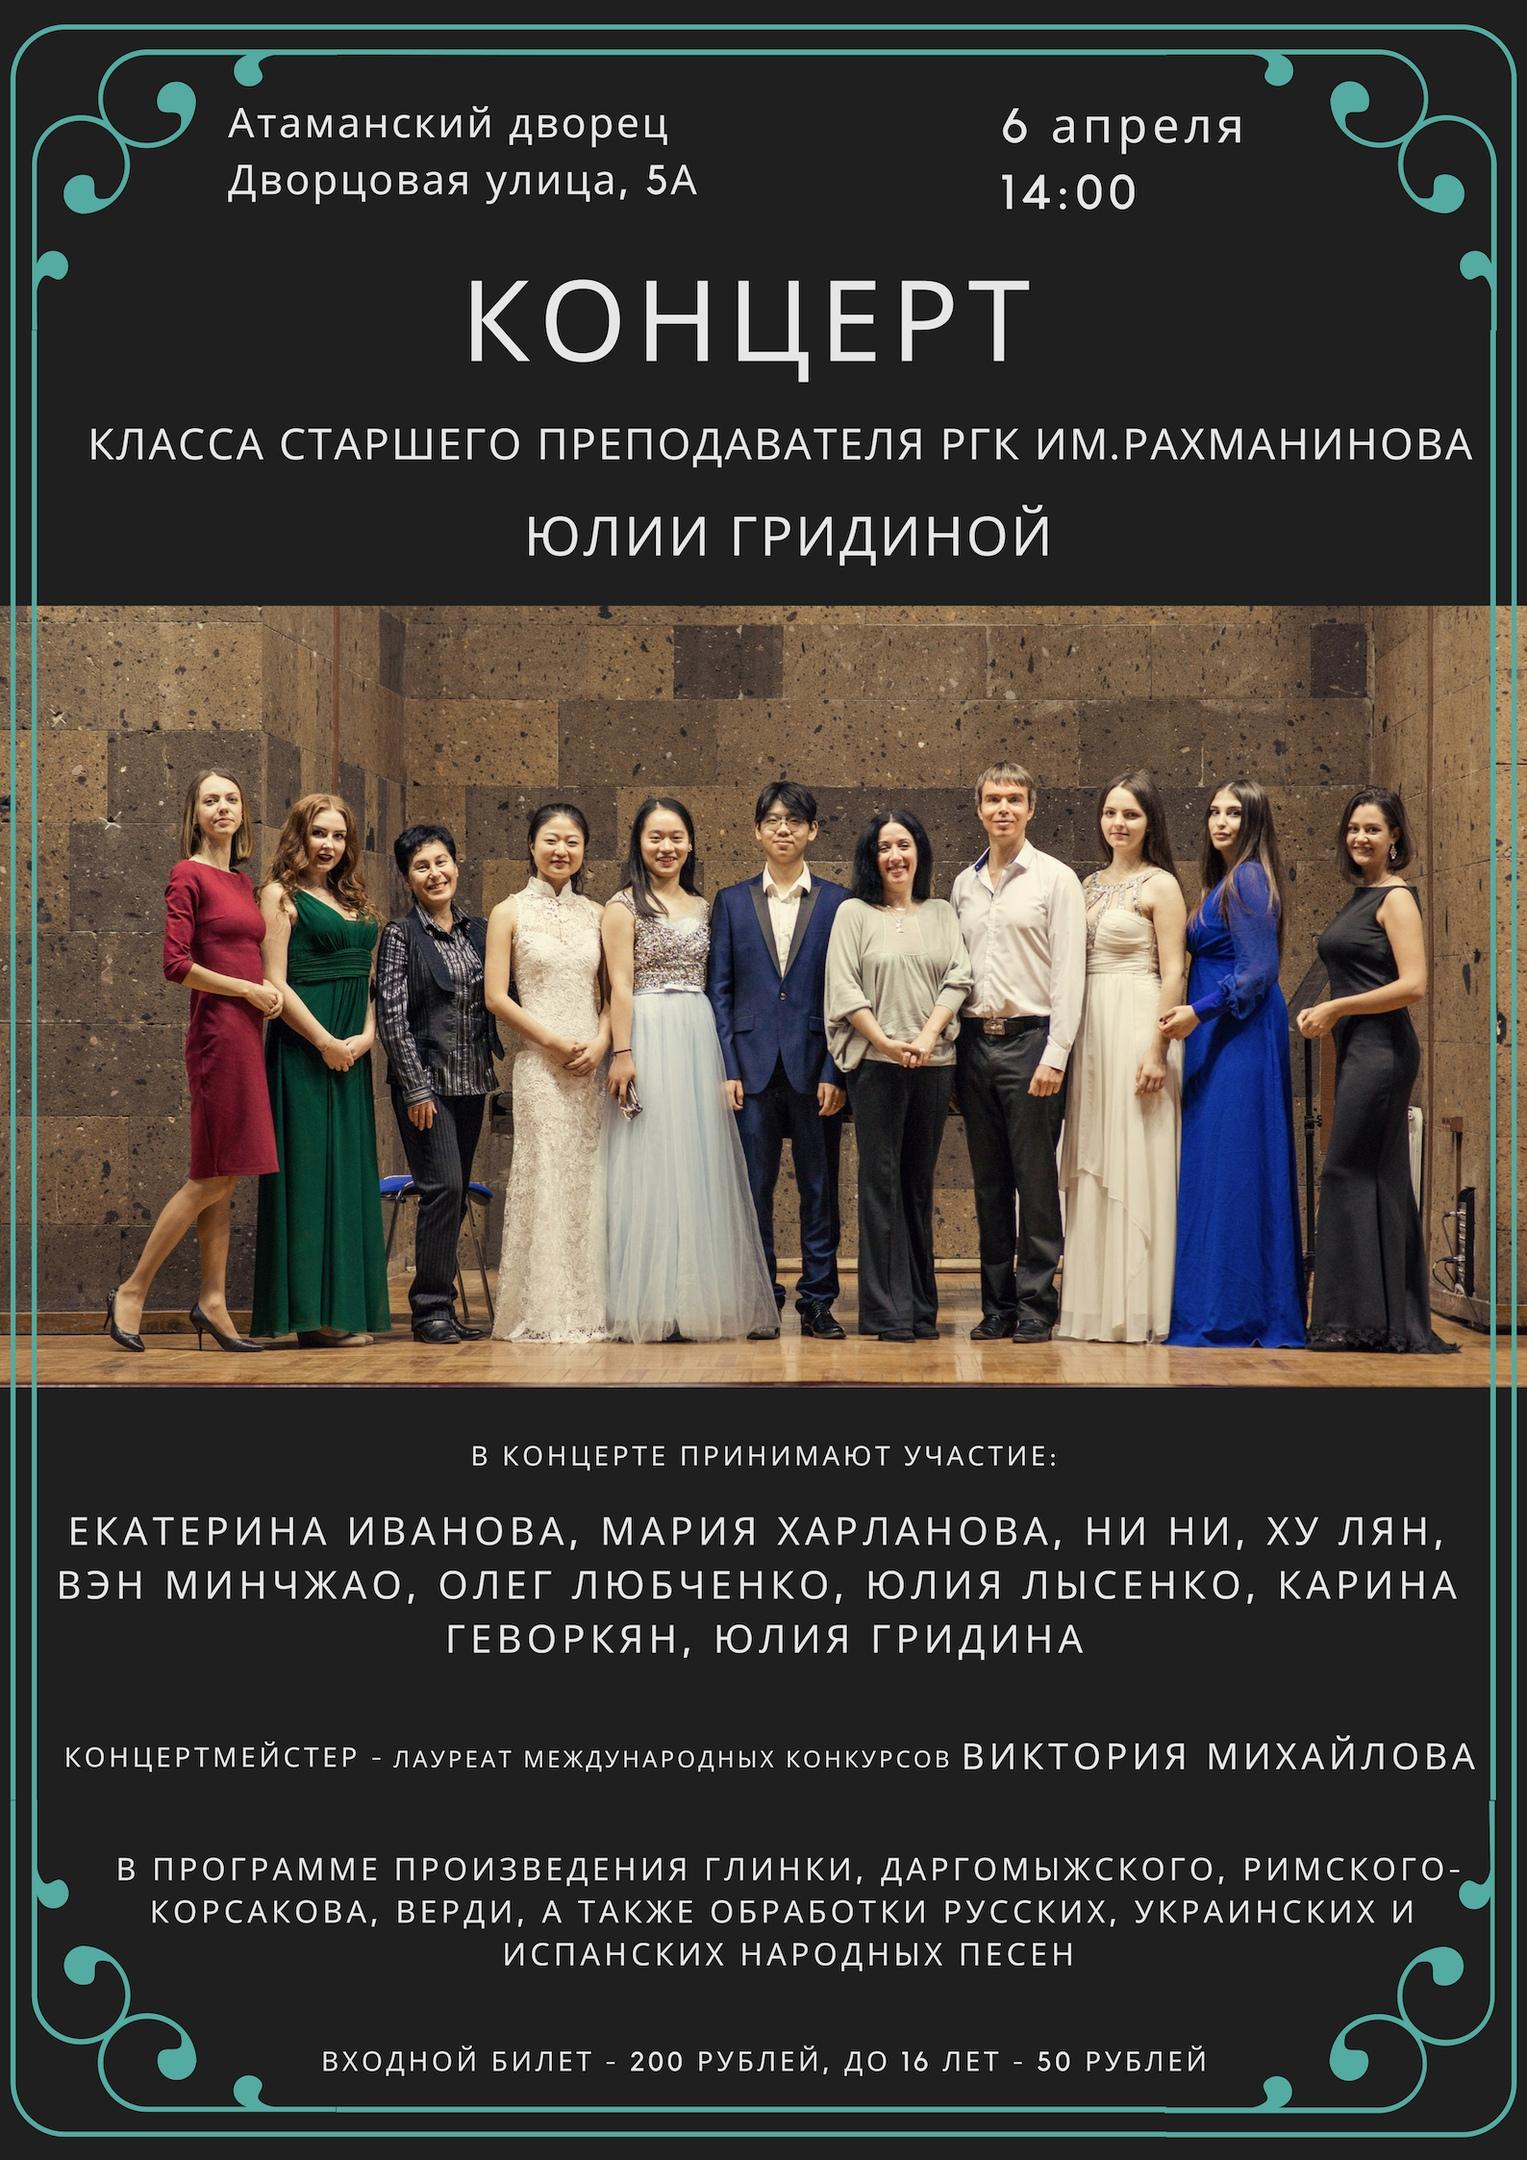 Концерт 6 апреля в Атаманском дворце